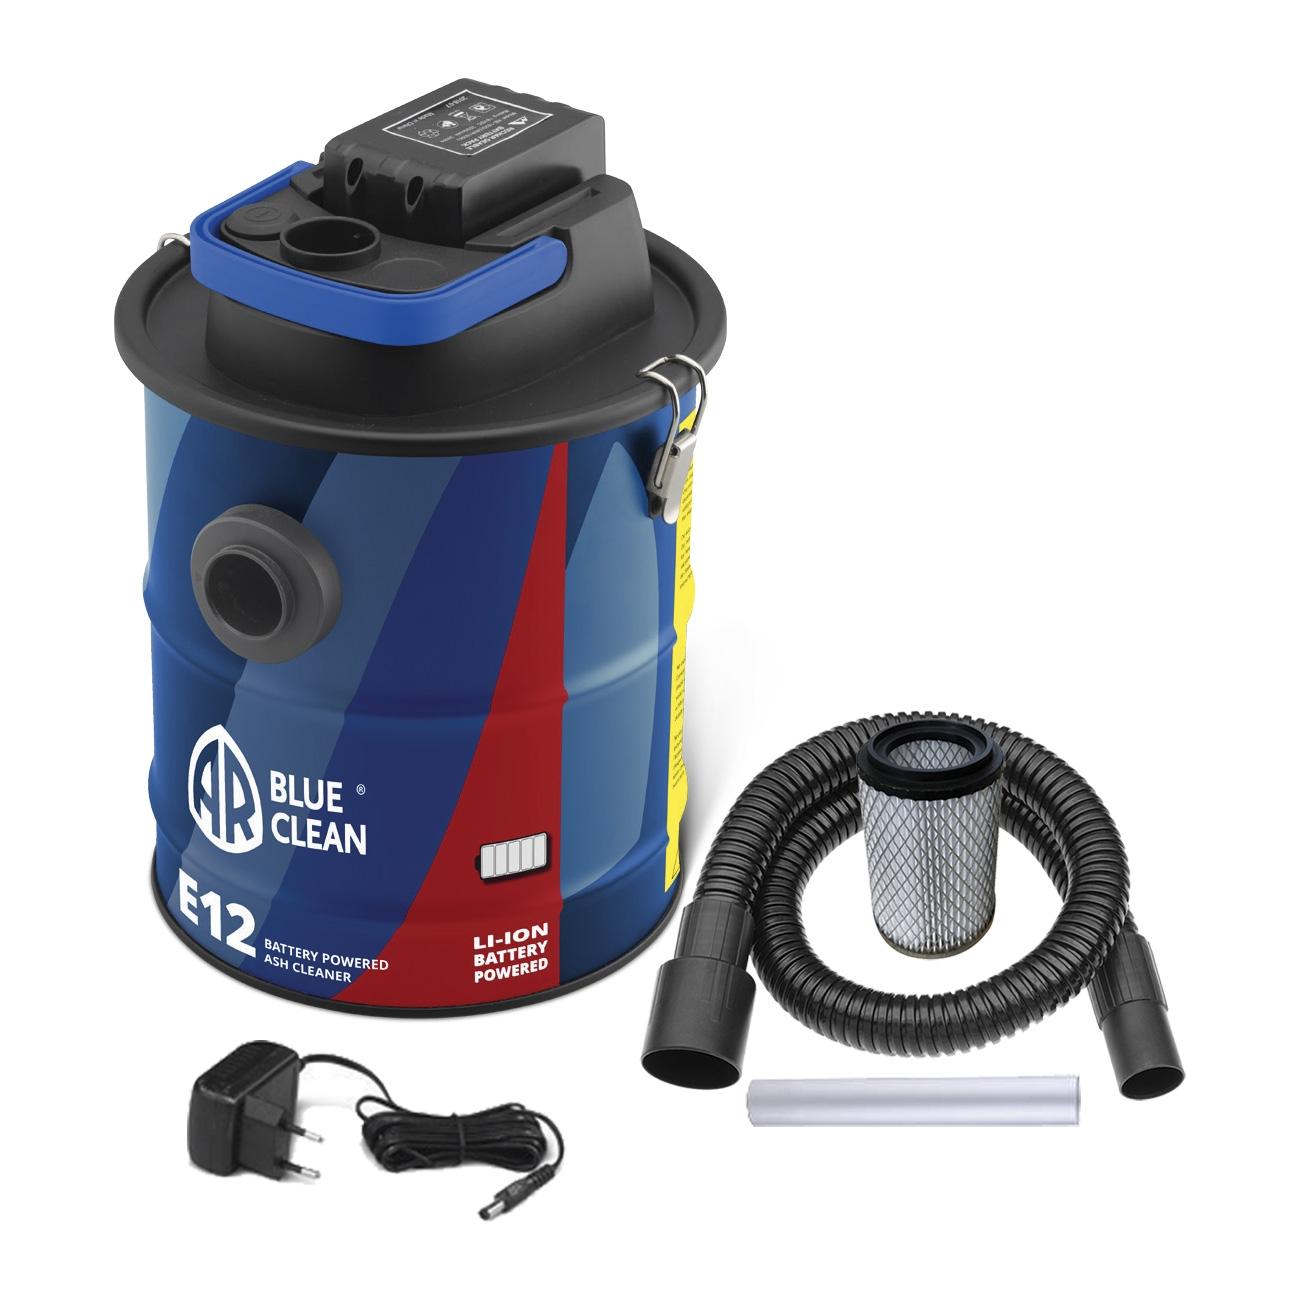 Image of Bidone aspiracenere a batteria Annovi Reverberi E12B 3 in 1